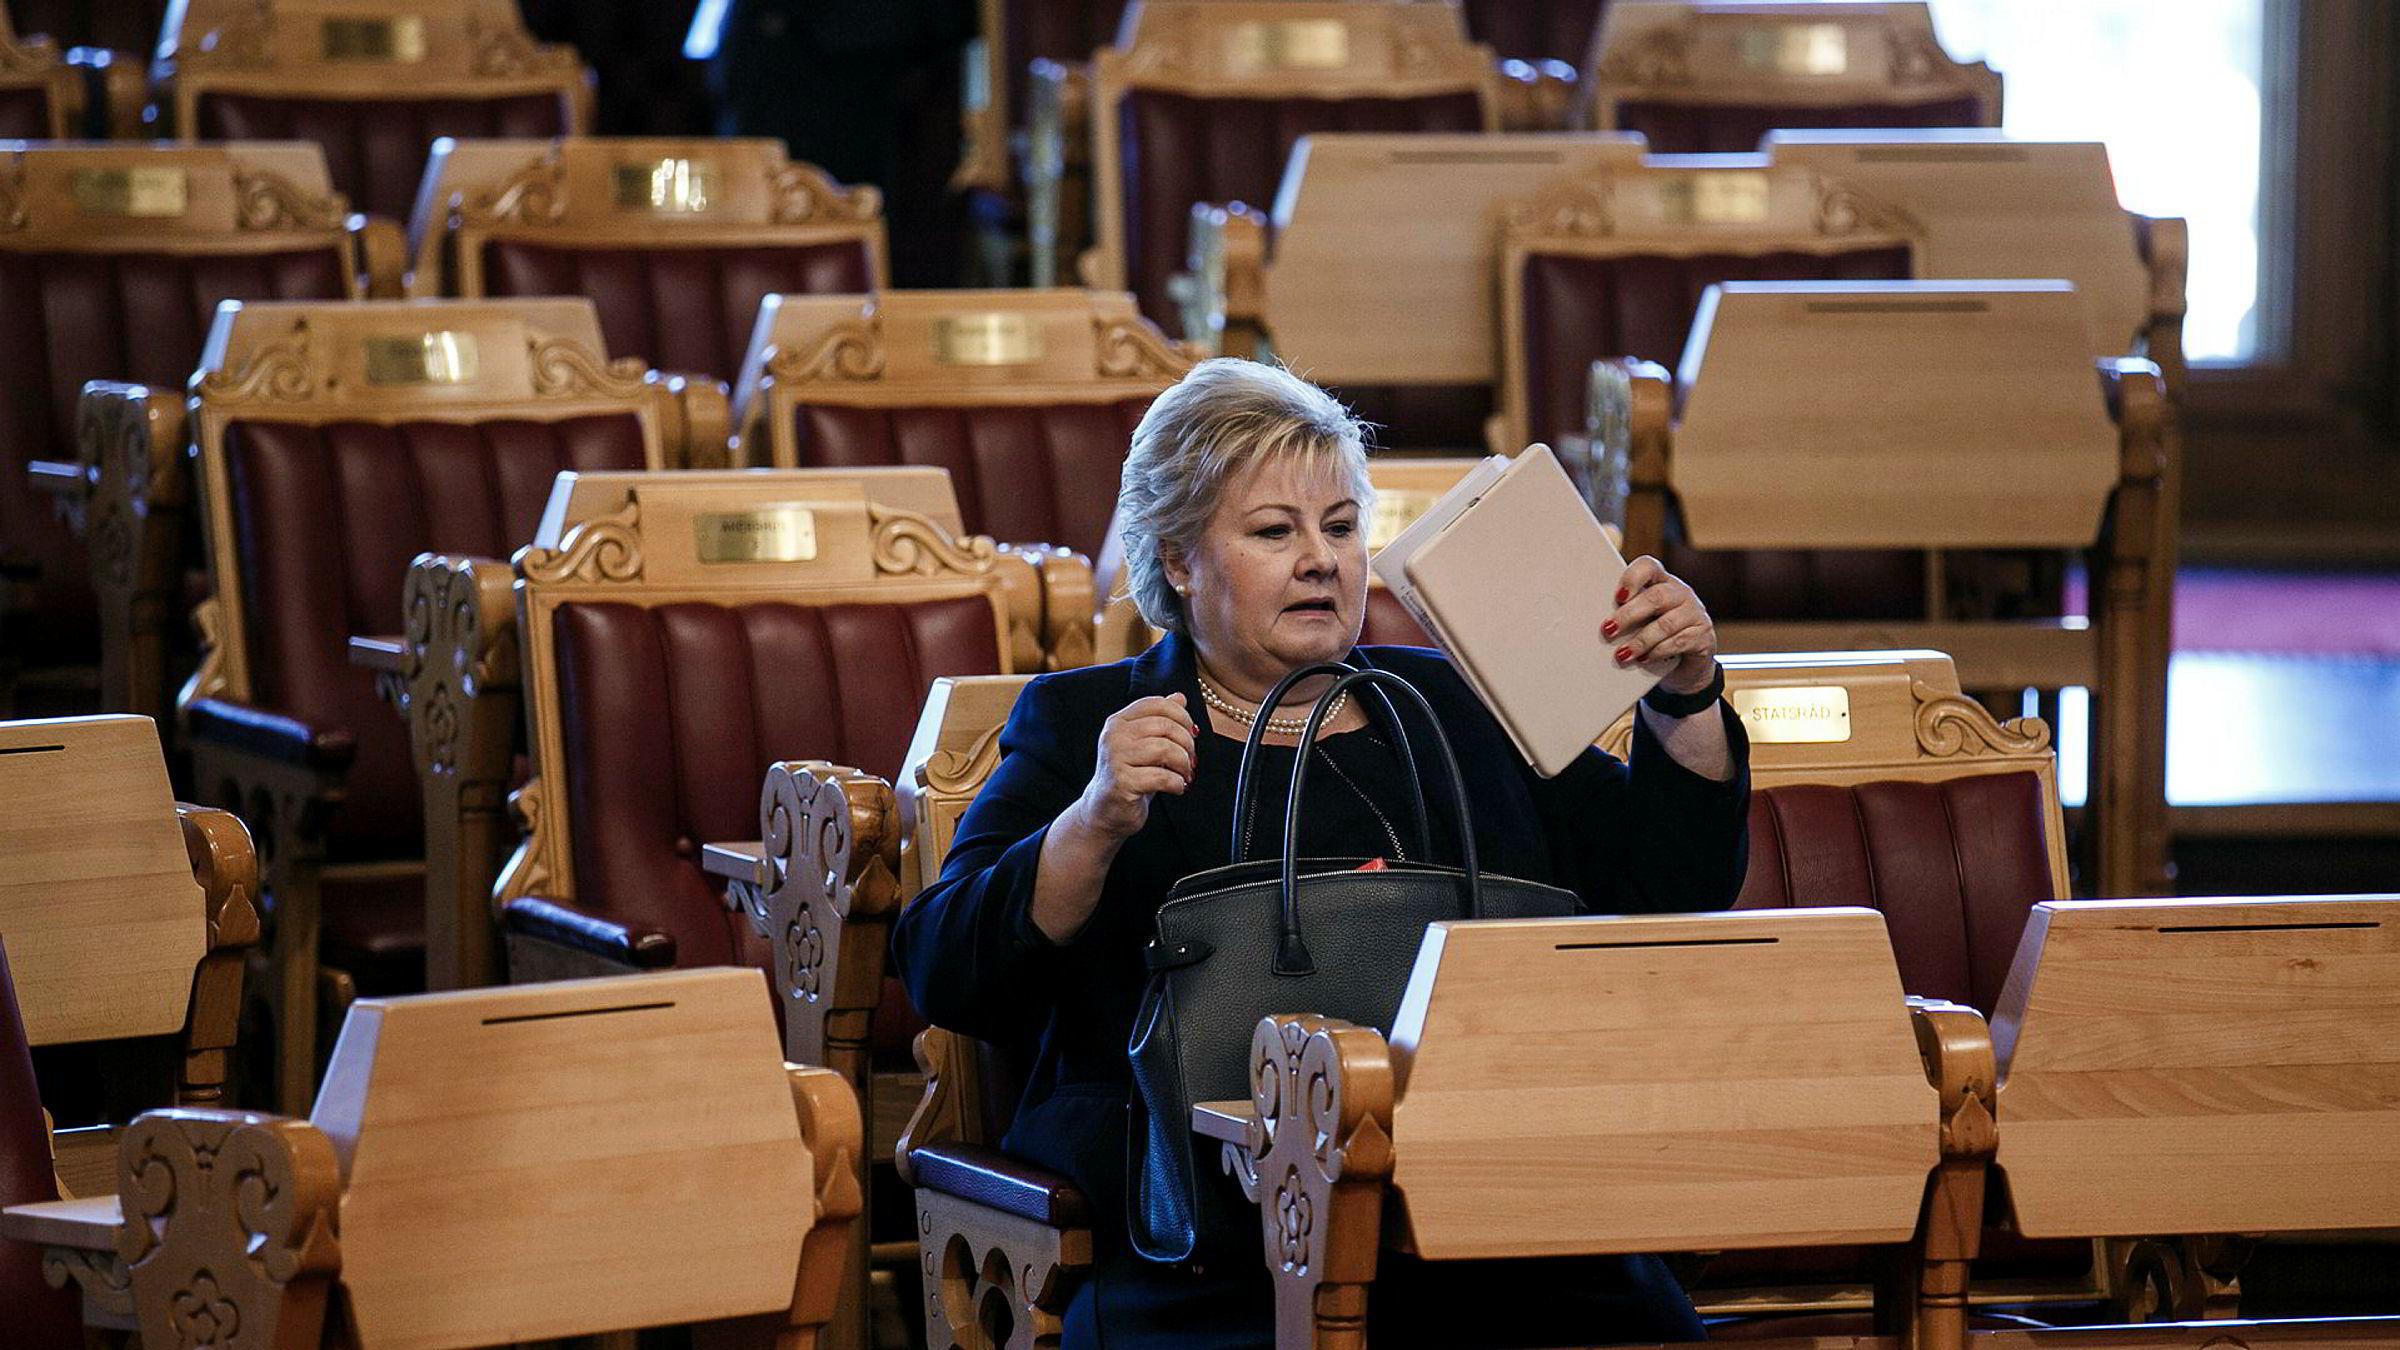 Sonderingene mellom Venstres leder Trine Skei Grande, statsminister og Høyre-leder Erna Solberg og Frp-leder Siv Jensen går for tiden på lavgir.